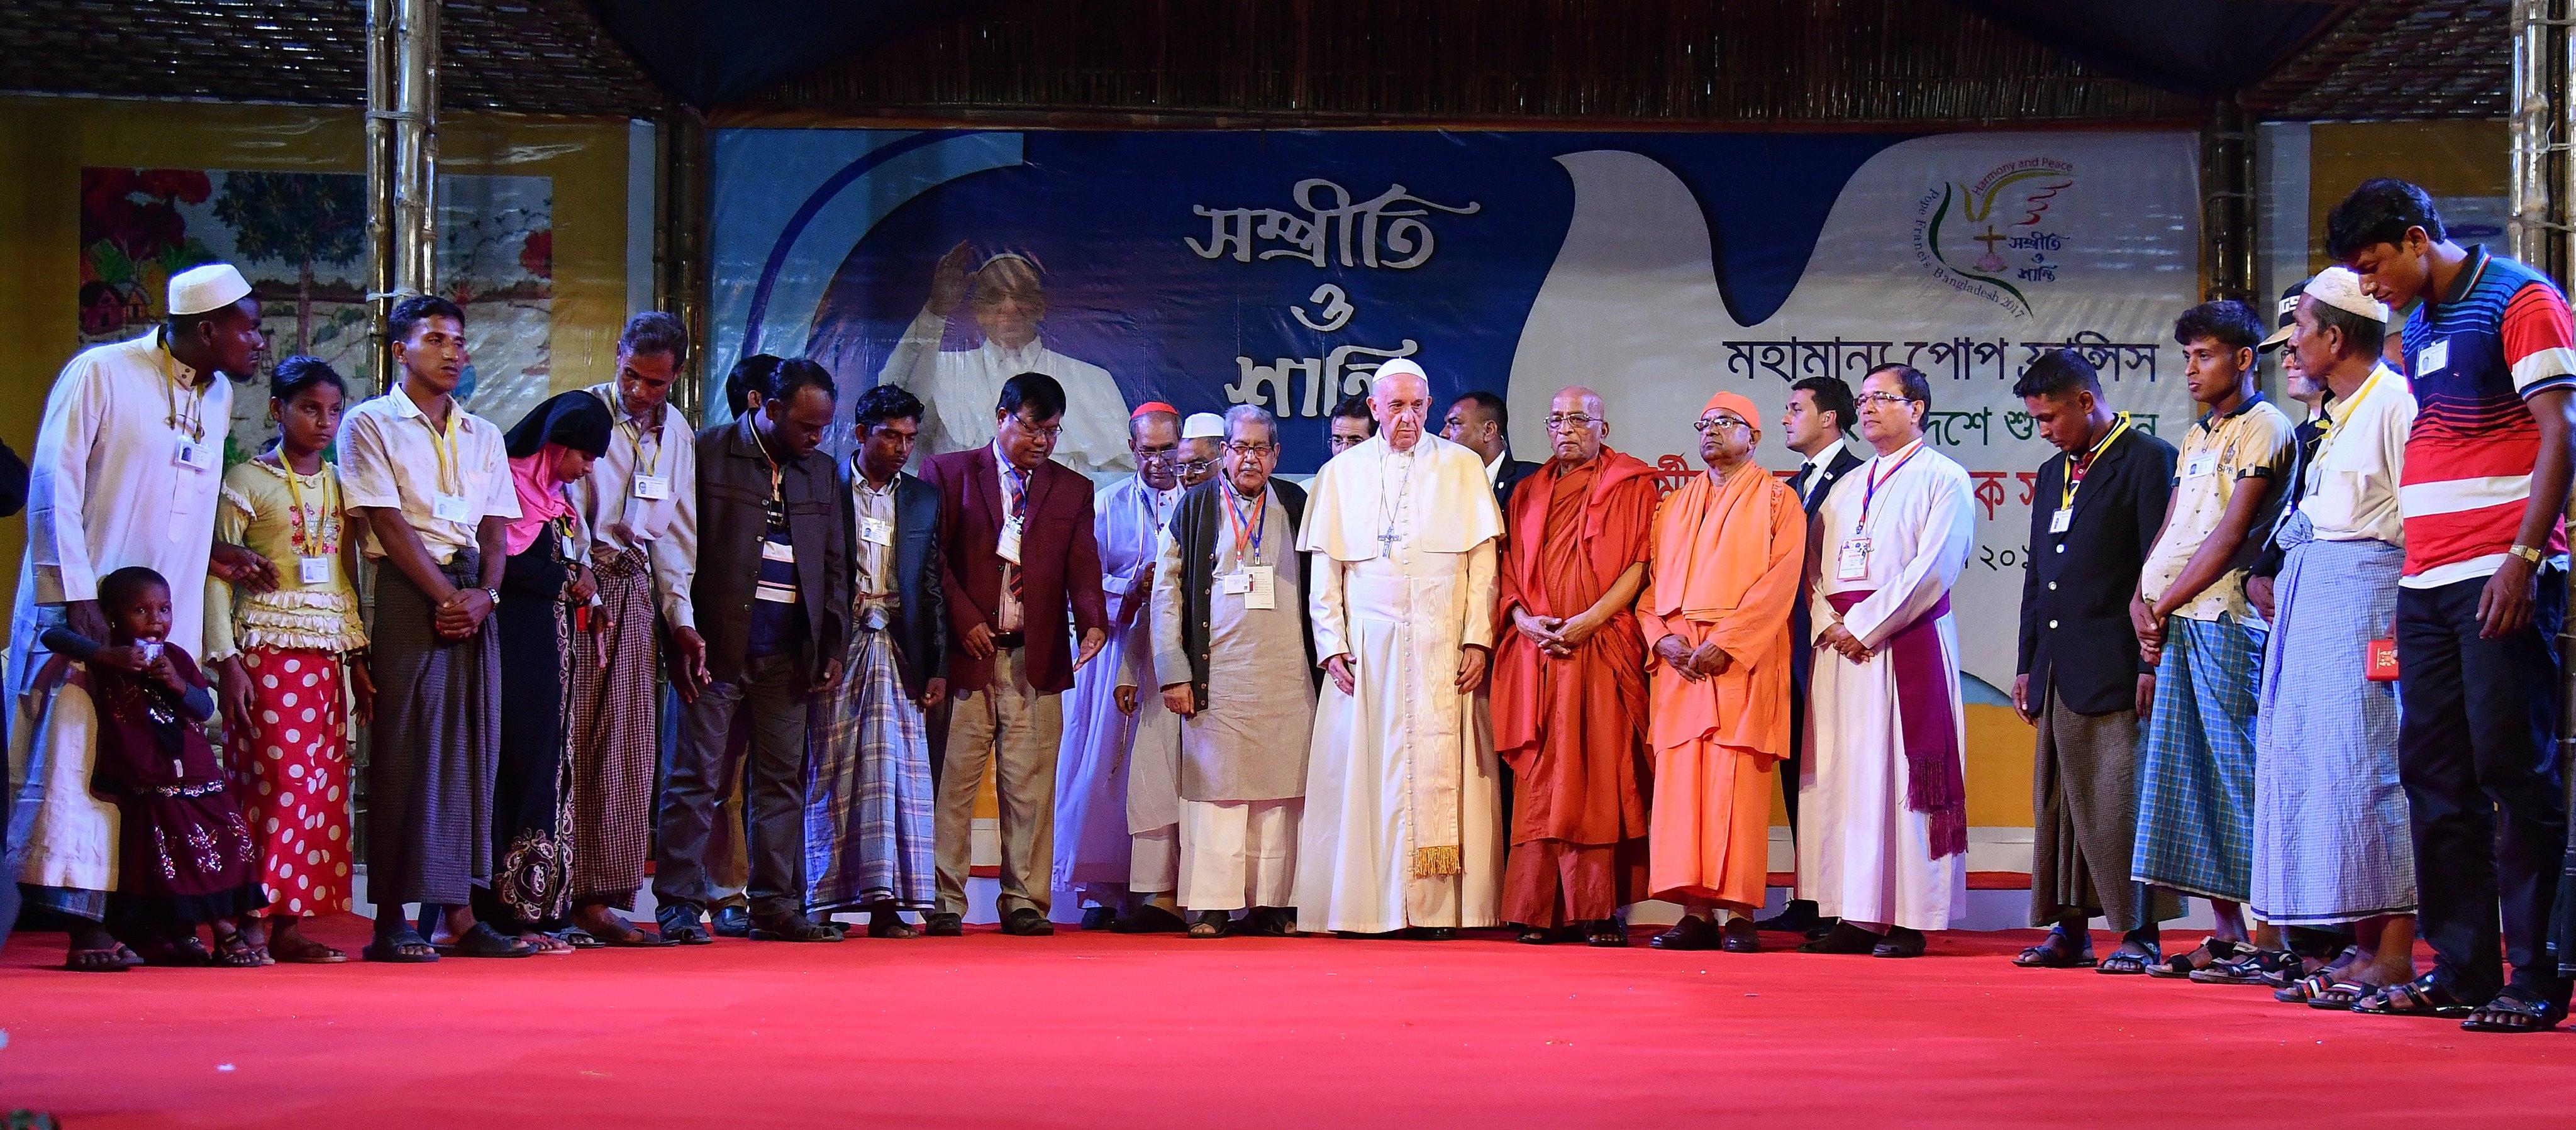 O Papa Francisco reza com os refugiados Rohingya durante um encontro inter-religioso e ecuménico pela paz no jardim do Arcebispo em Daca, Bangladesh, 1 de dezembro de 2017